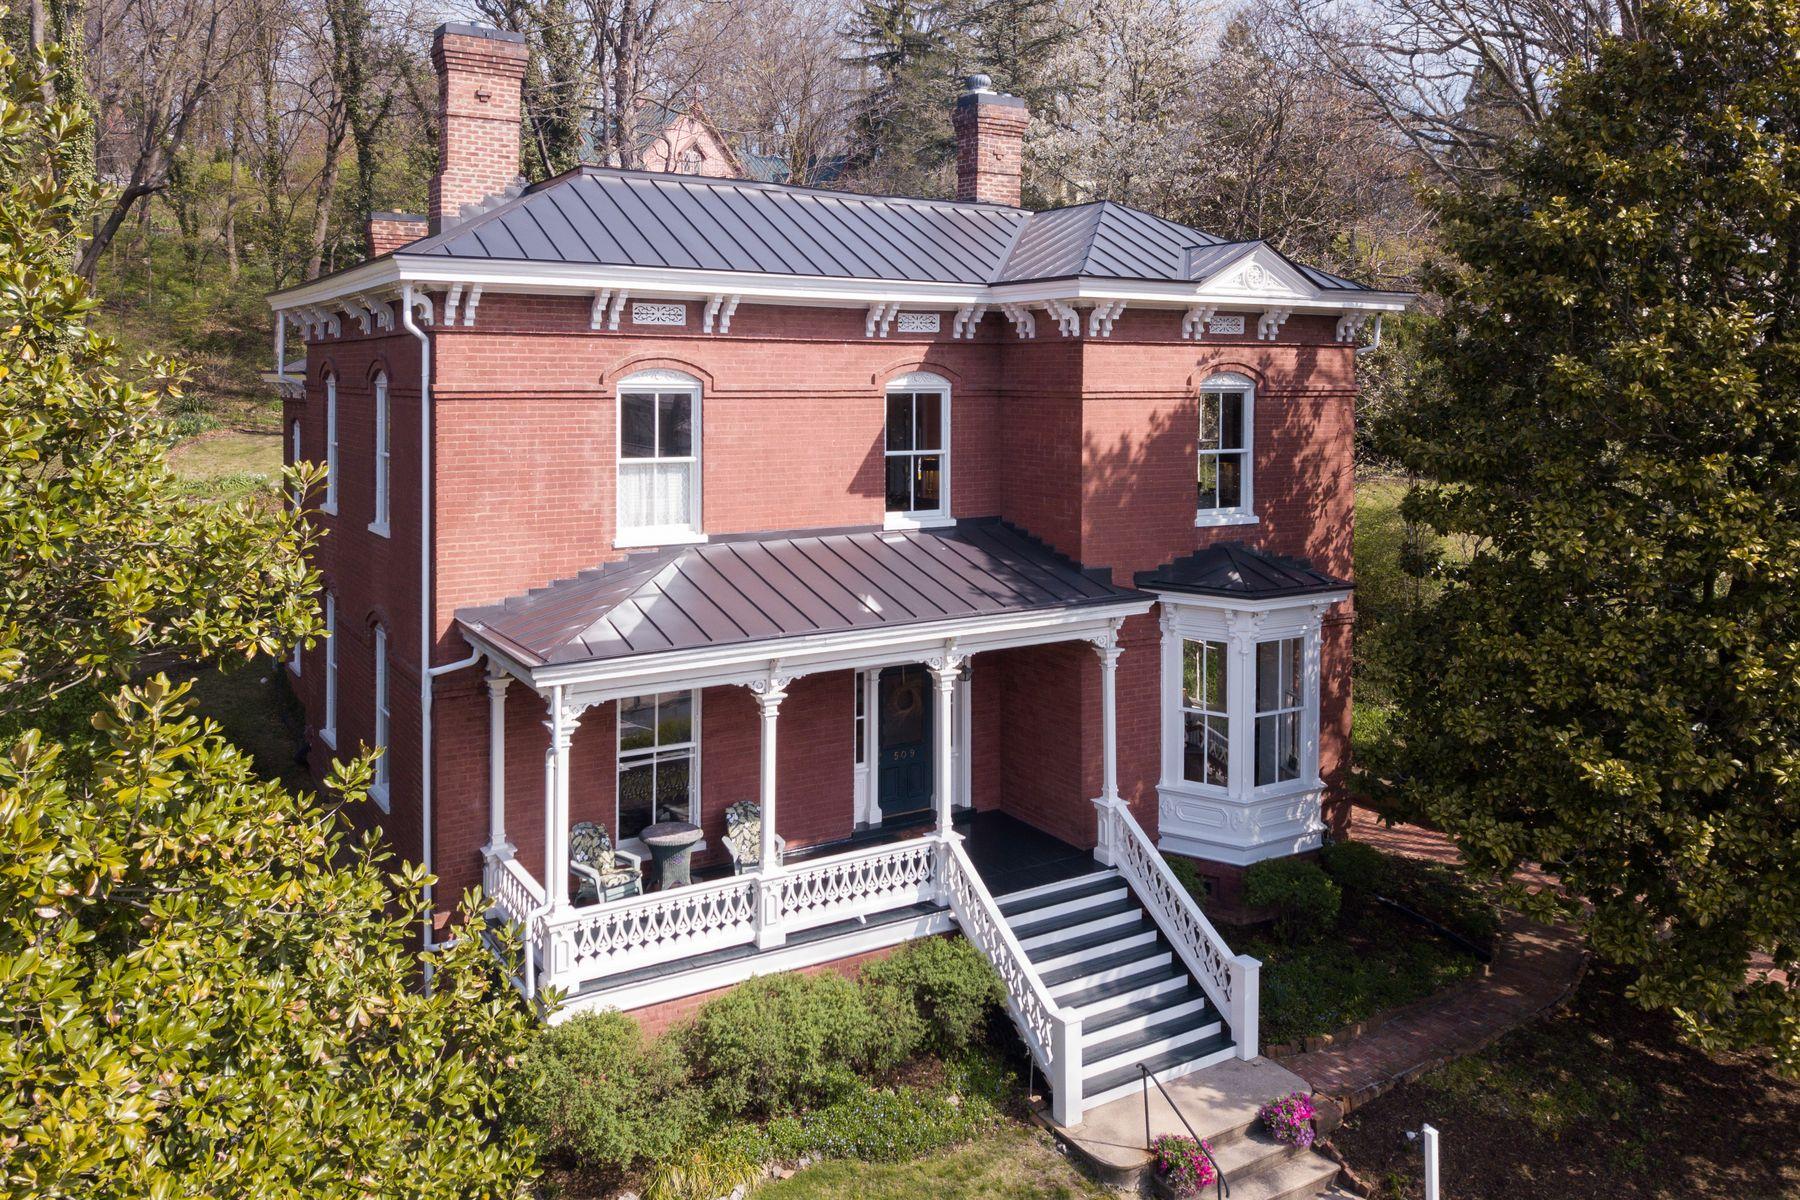 Casa Unifamiliar por un Venta en 509 E Beverley St Staunton, Virginia 24401 Estados Unidos